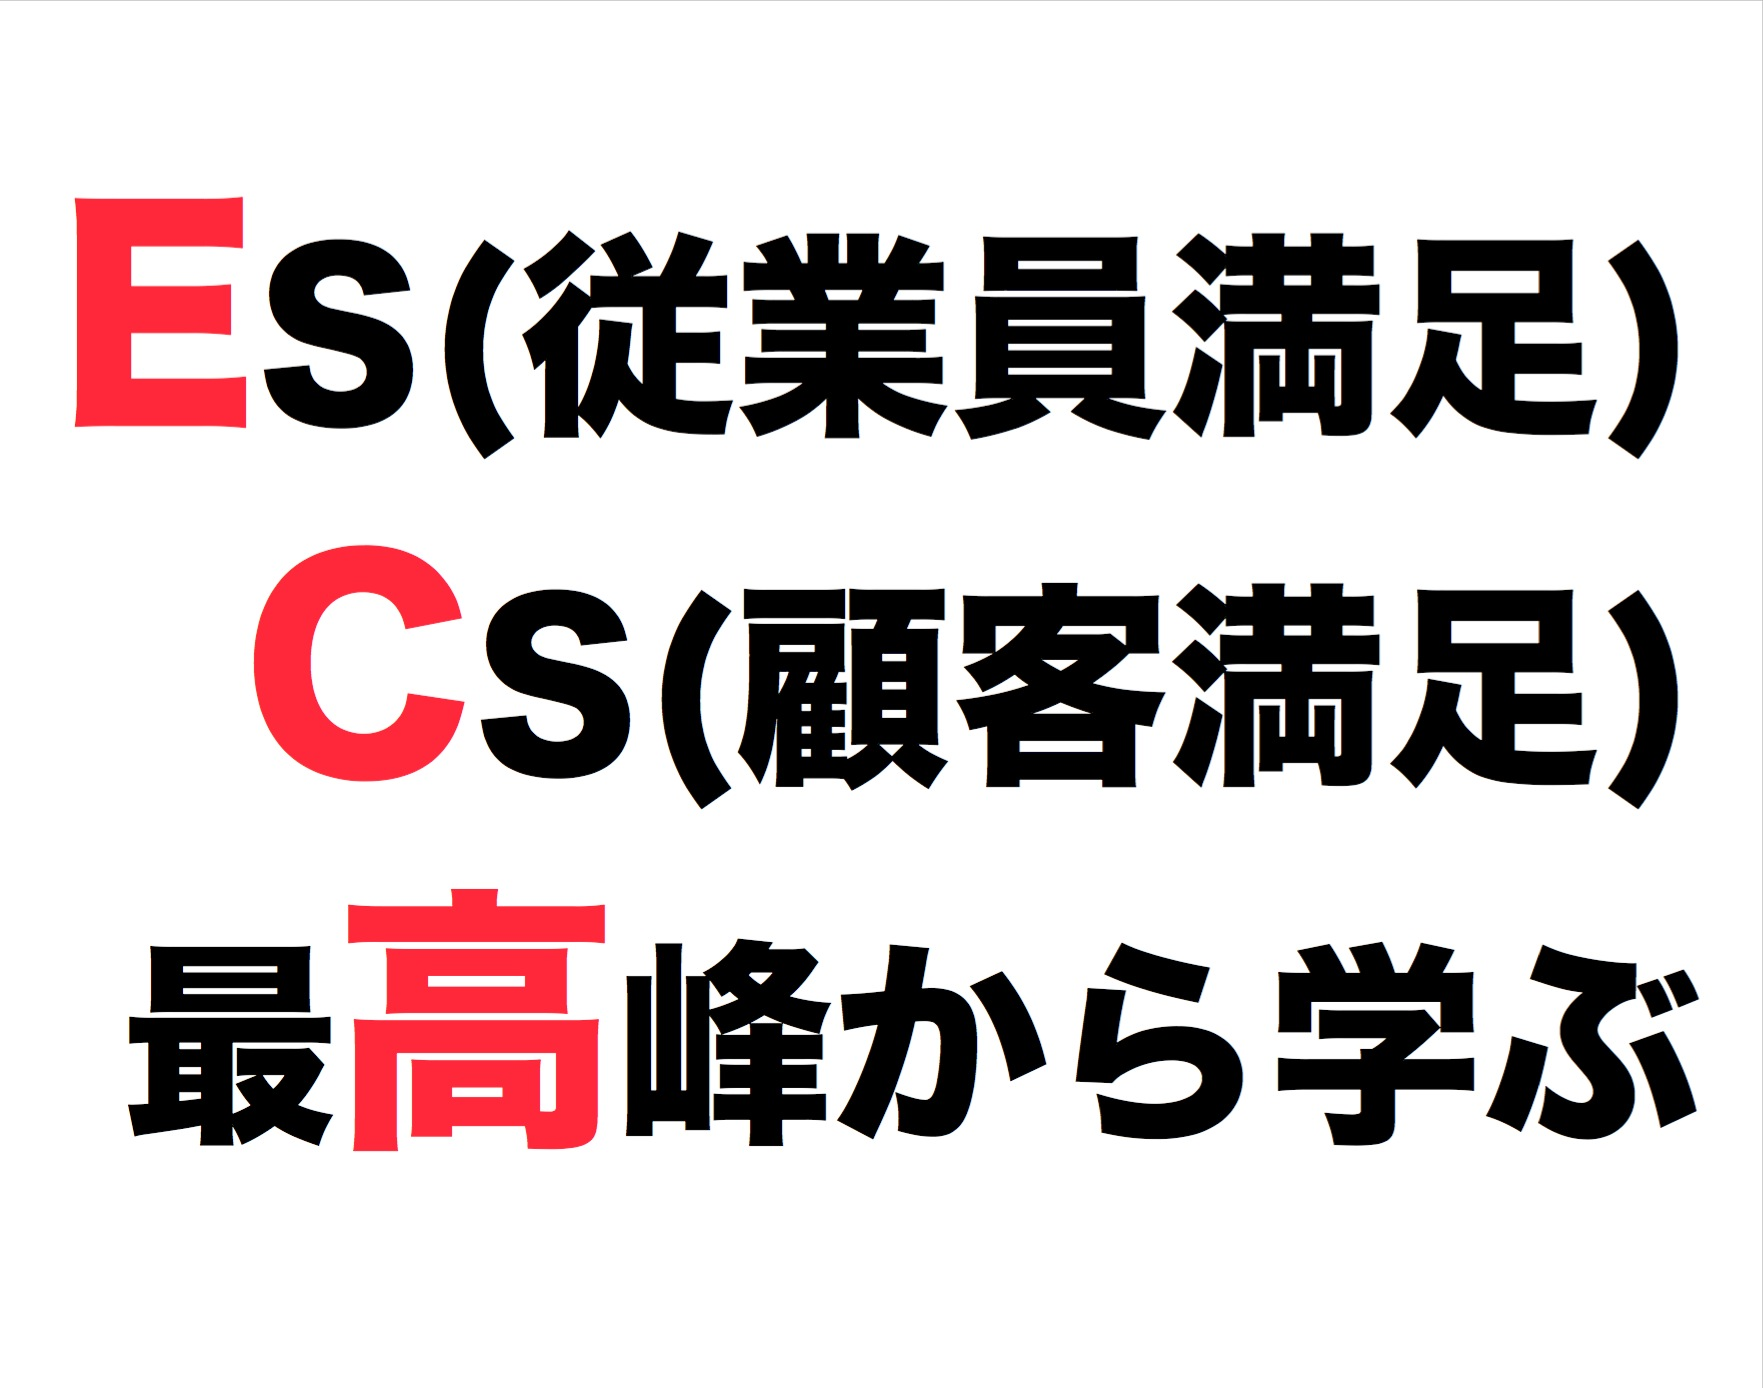 2013年2月ビジネスサークル『アメリカ視察報告』~ ES(従業員満足) CS(顧客満足)最高峰から学ぶ~